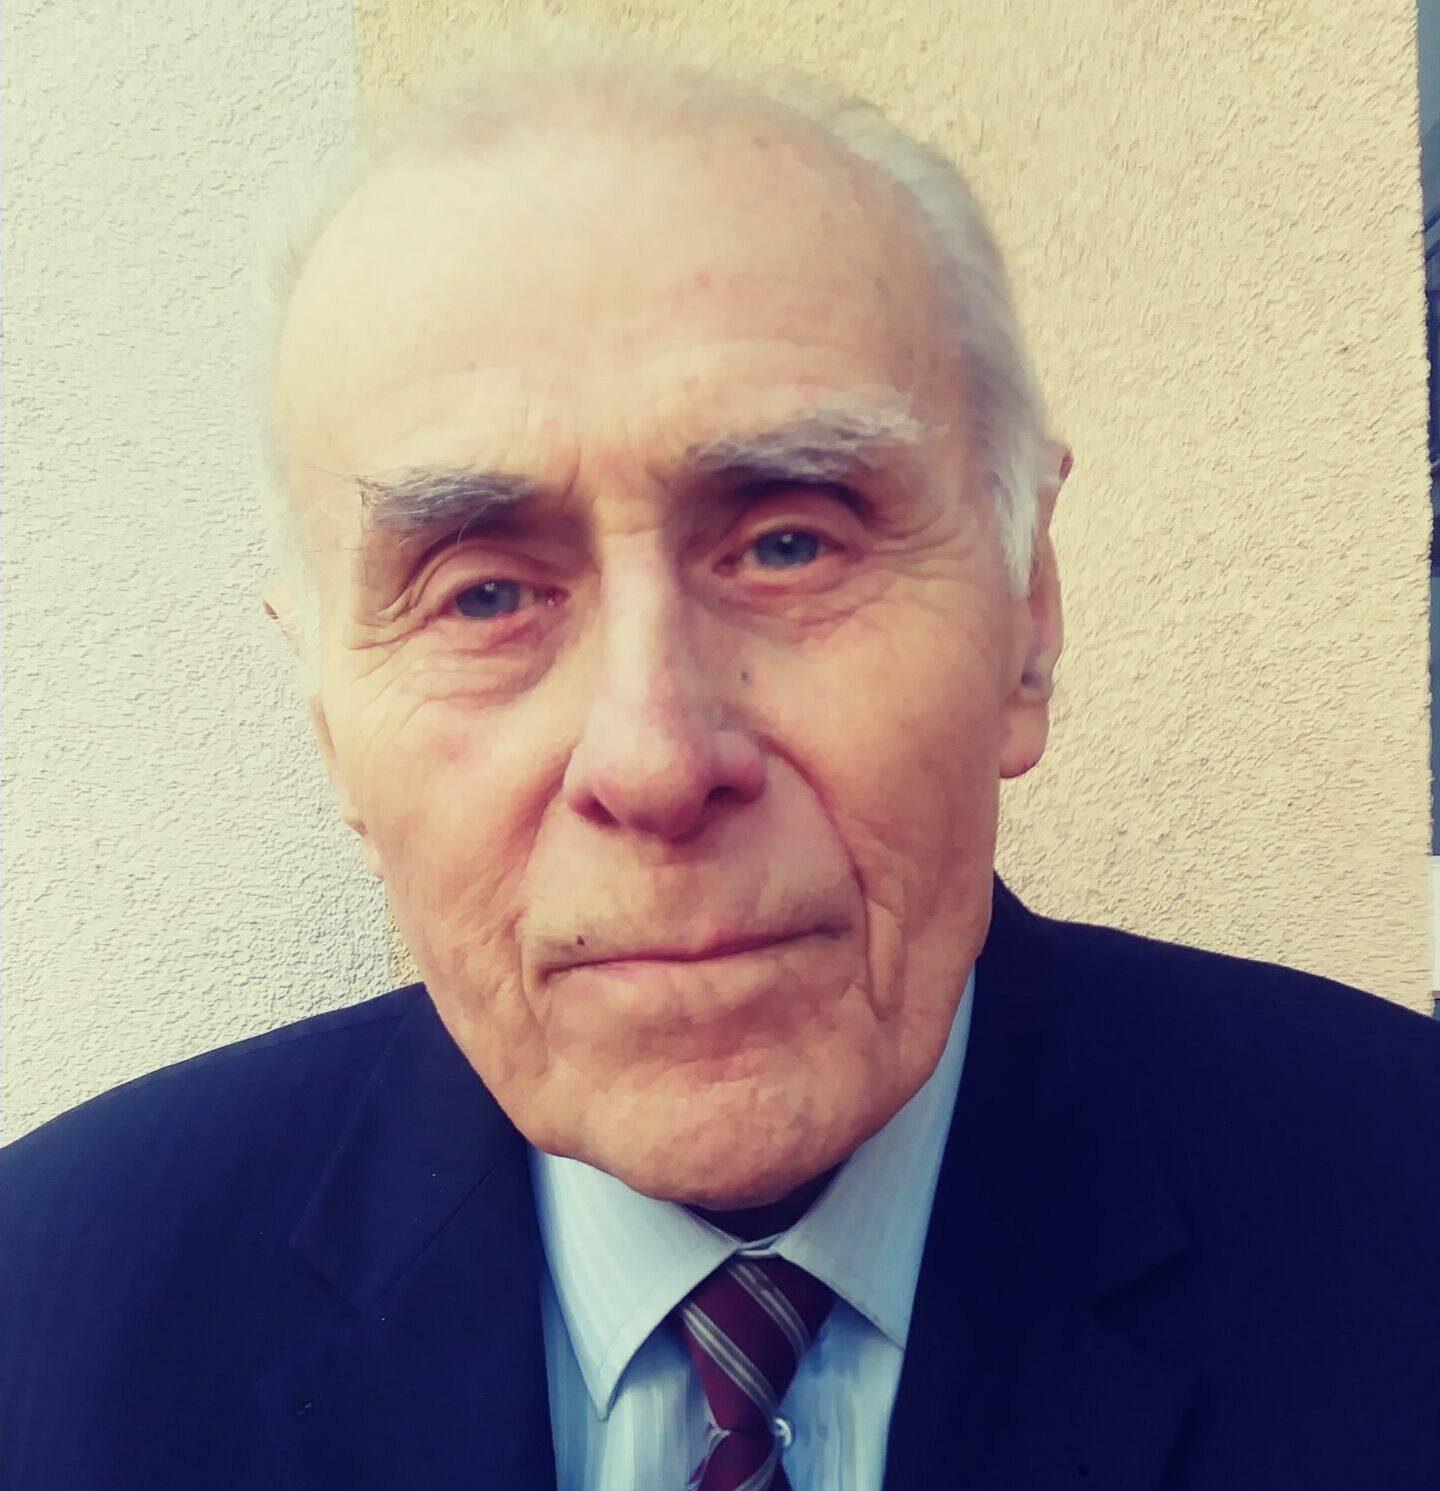 Dr n. med. Tadeusz Borowski-Beszta: Czuję moralny obowiązek służenia bliźnim w potrzebie